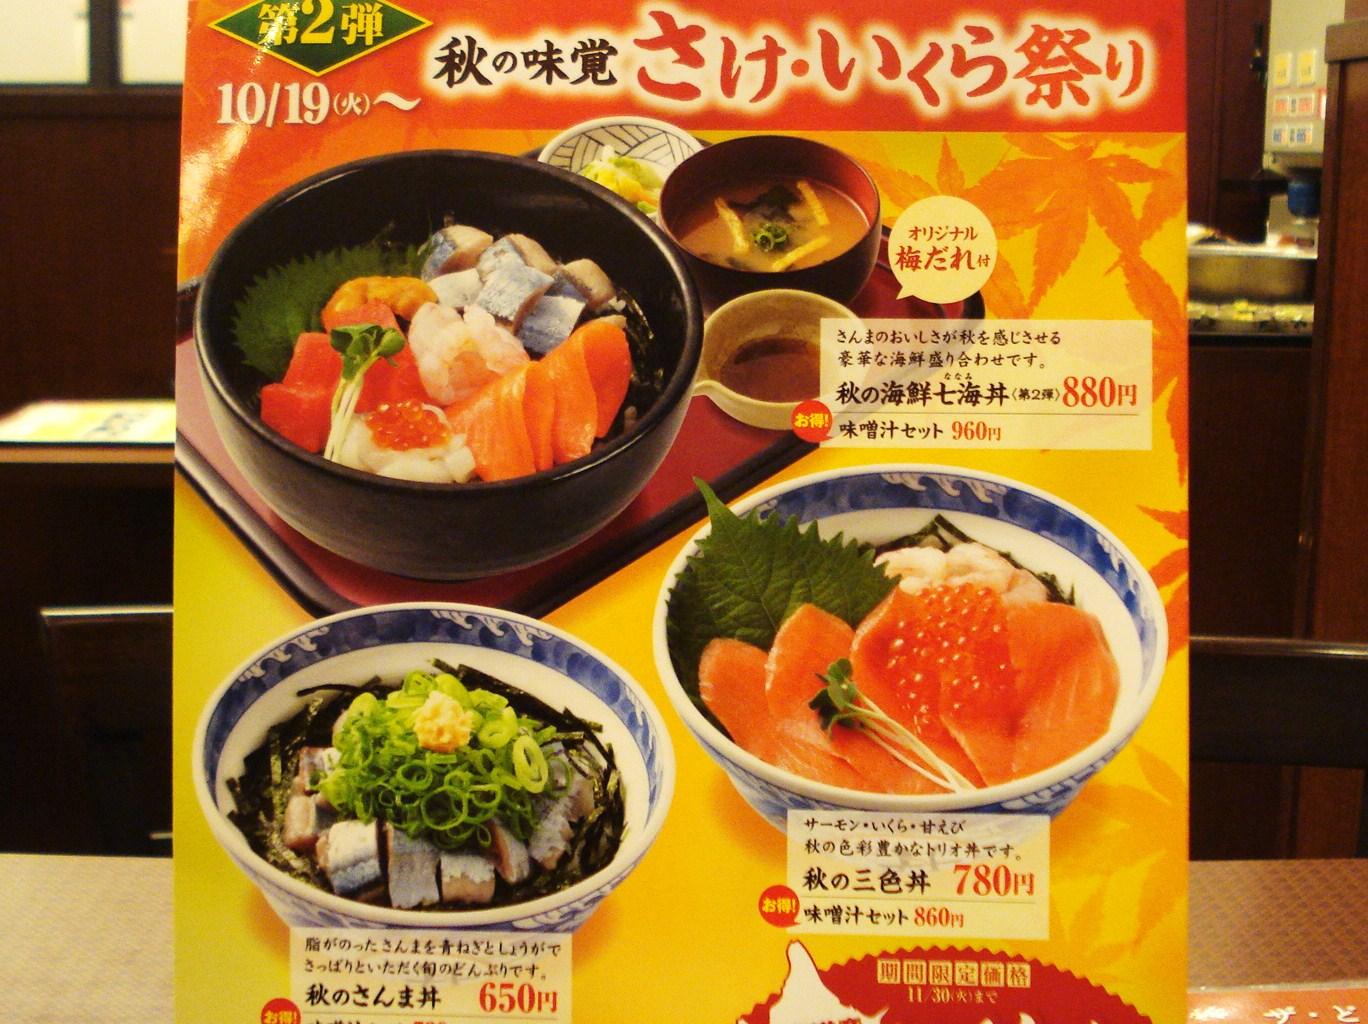 ザ・どん JR神戸駅店